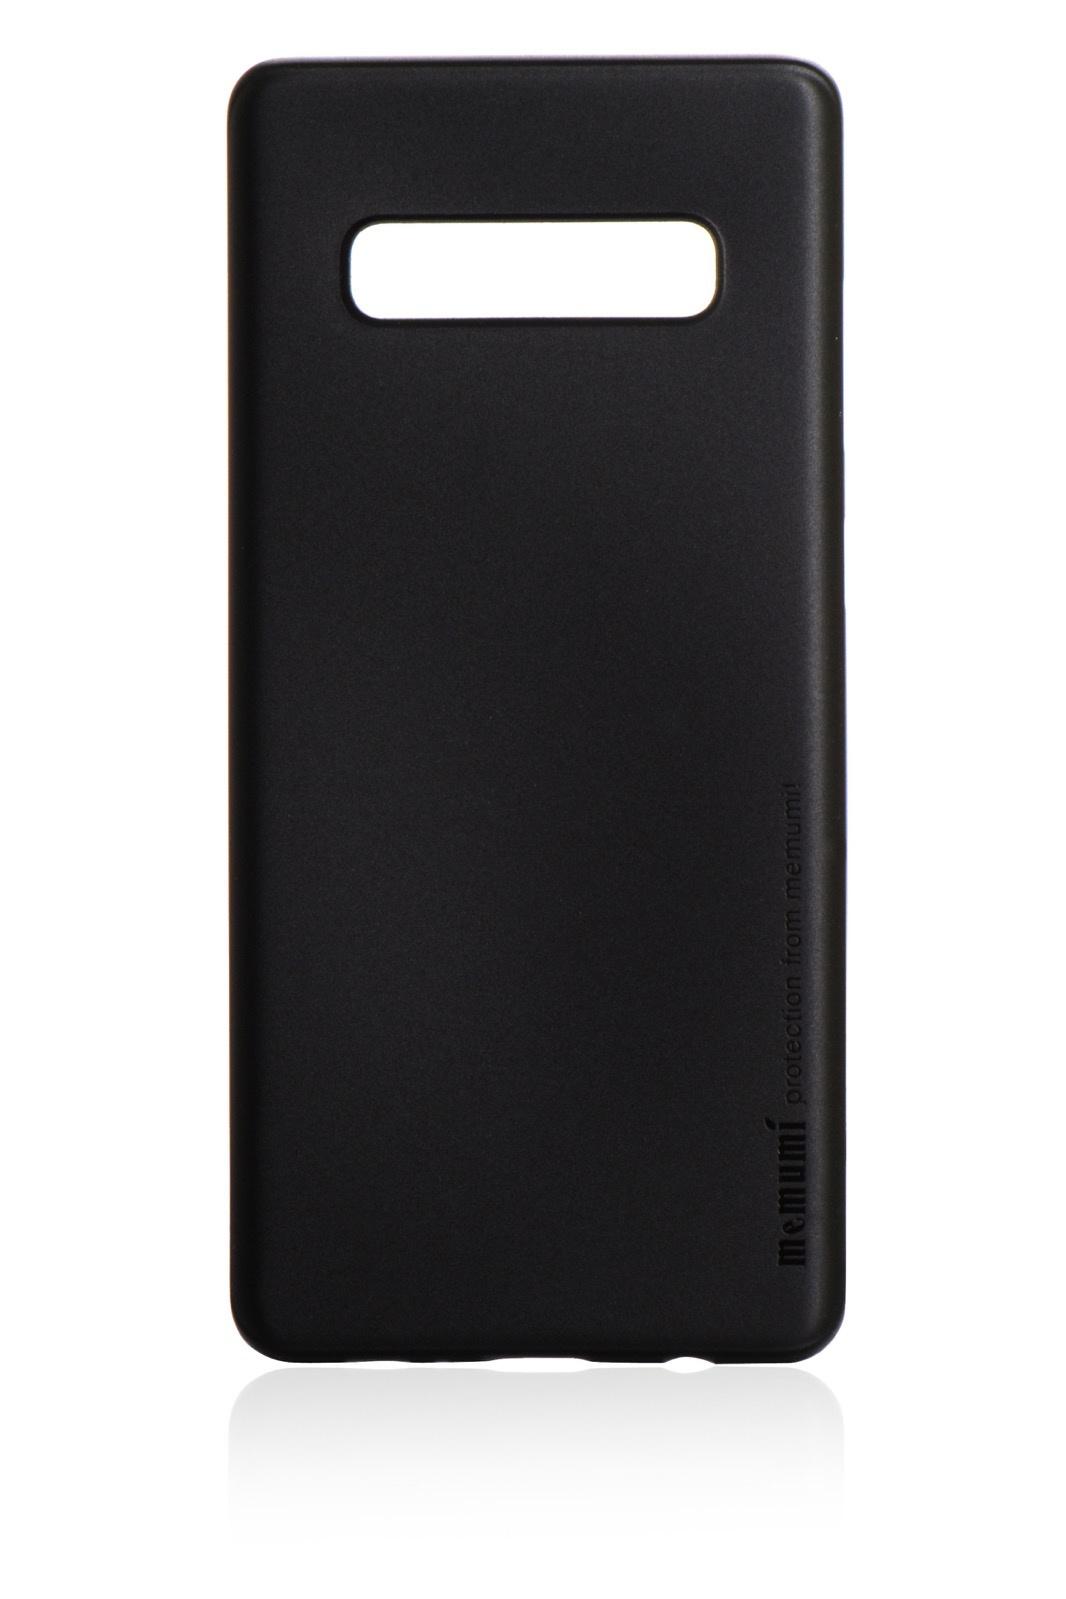 Чехол для сотового телефона Memumi Ultra Slim Premium пластик 0.3 mm для Samsung Galaxy S10 Plus, черный